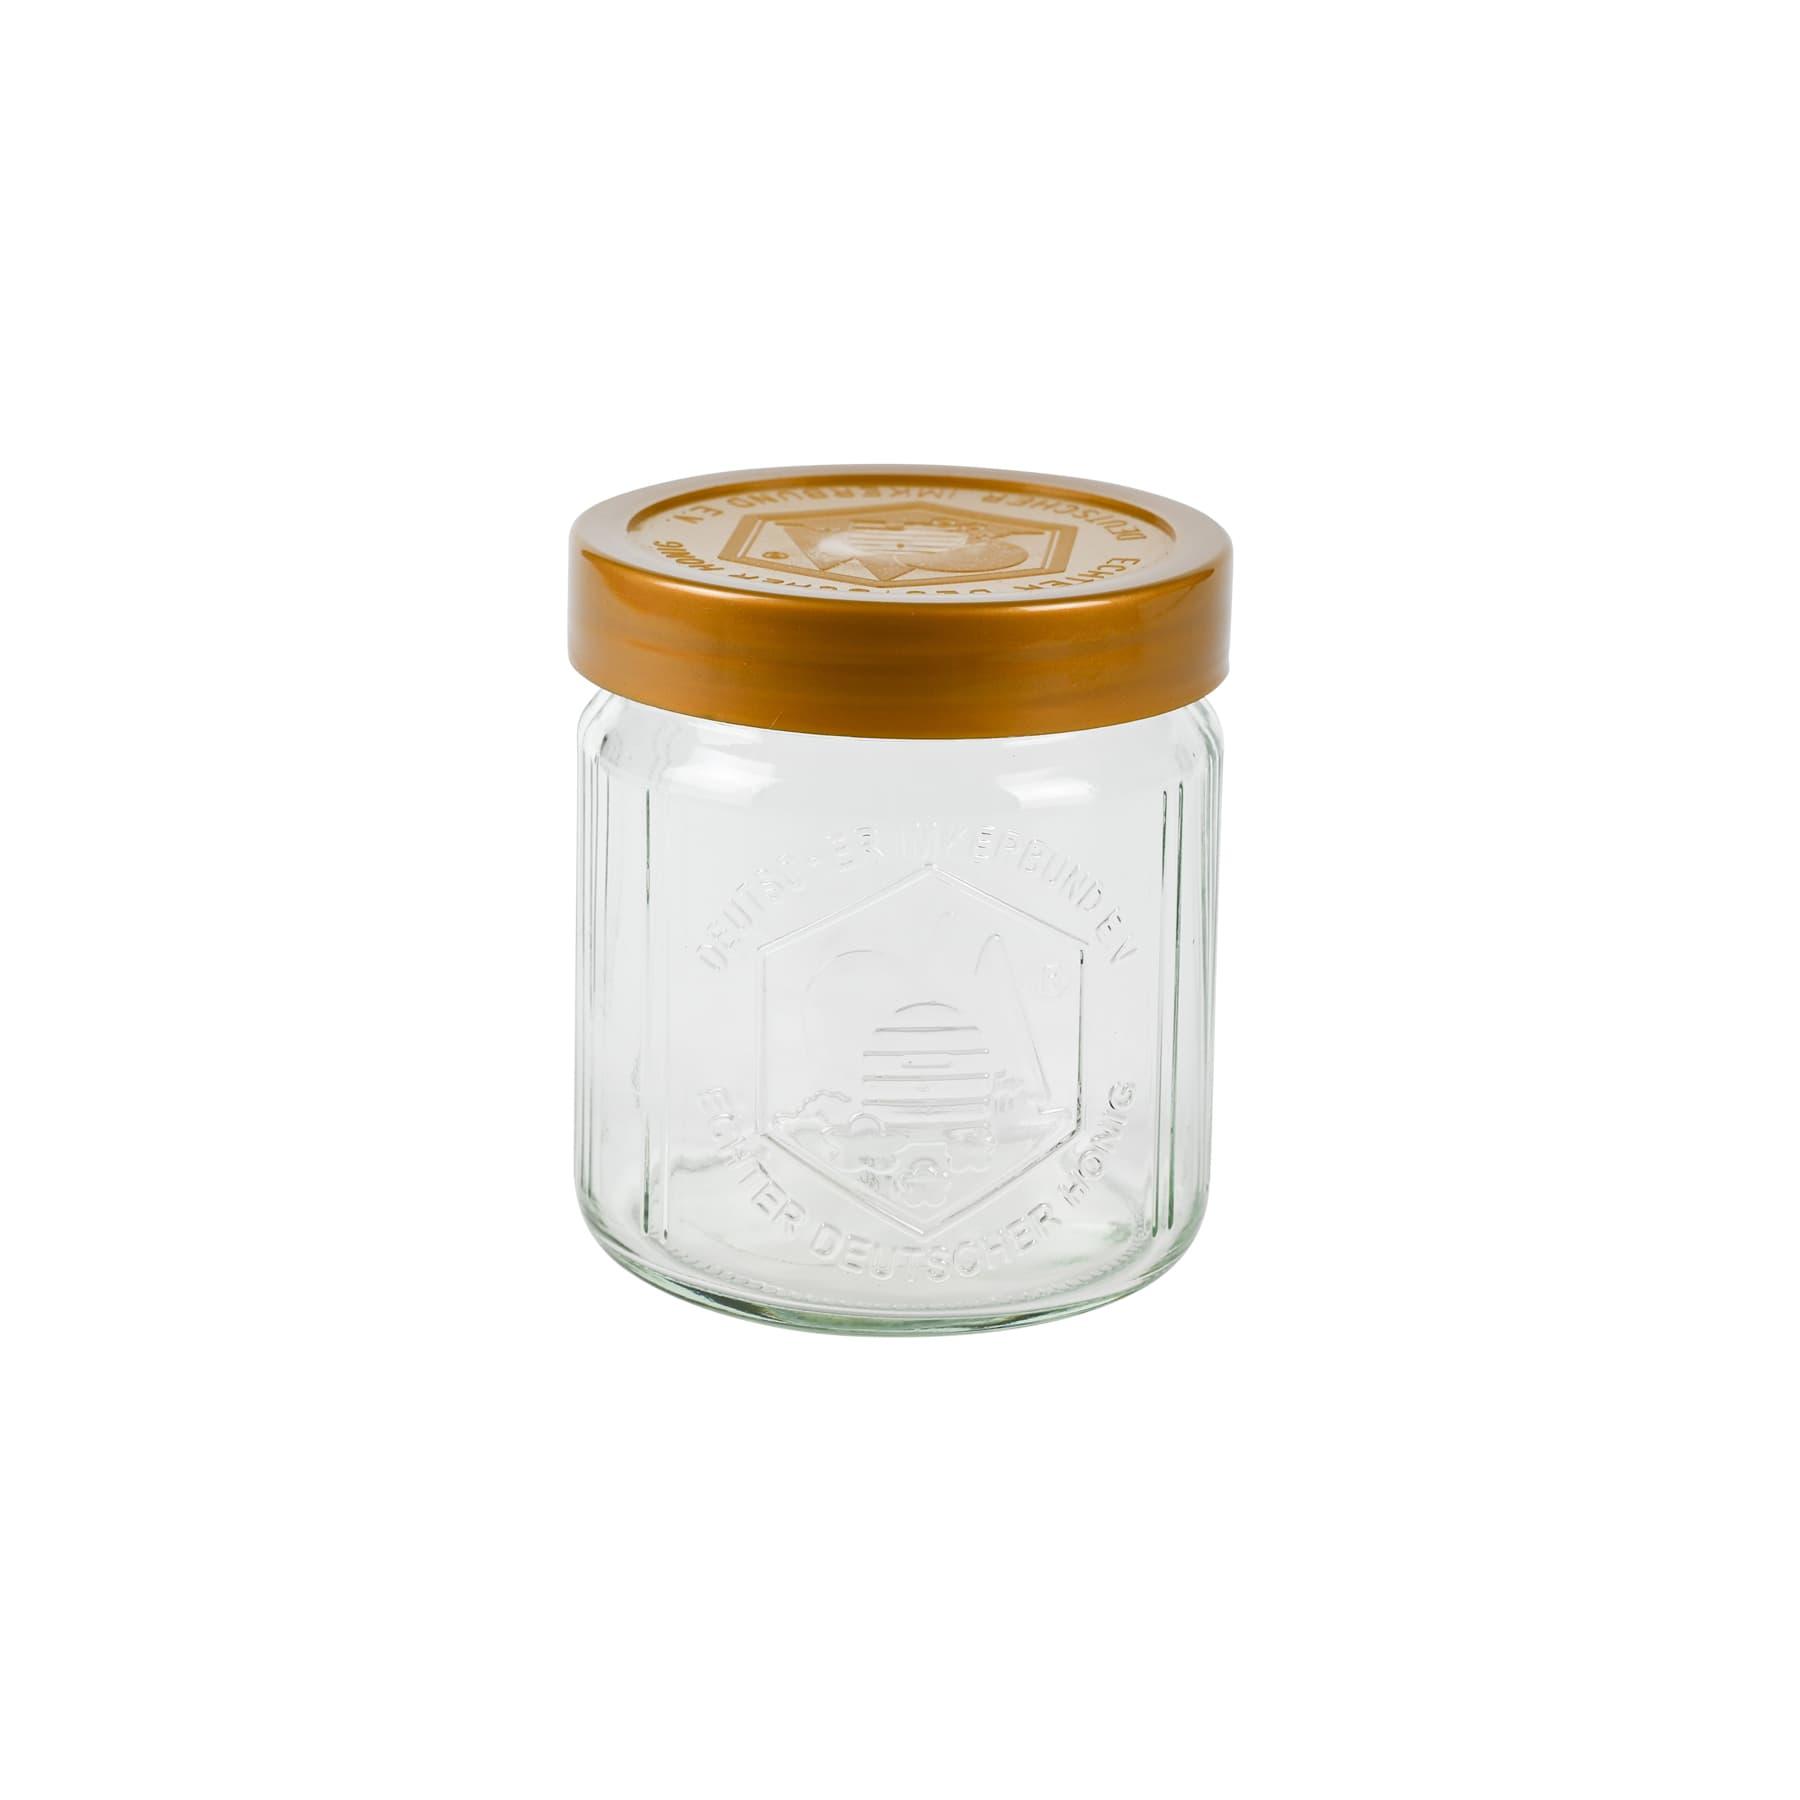 DIB-Gläser 500 g 1 PAL(3168 Stk) inkl. Deckel, lose, 3168 St. FREI HAUS